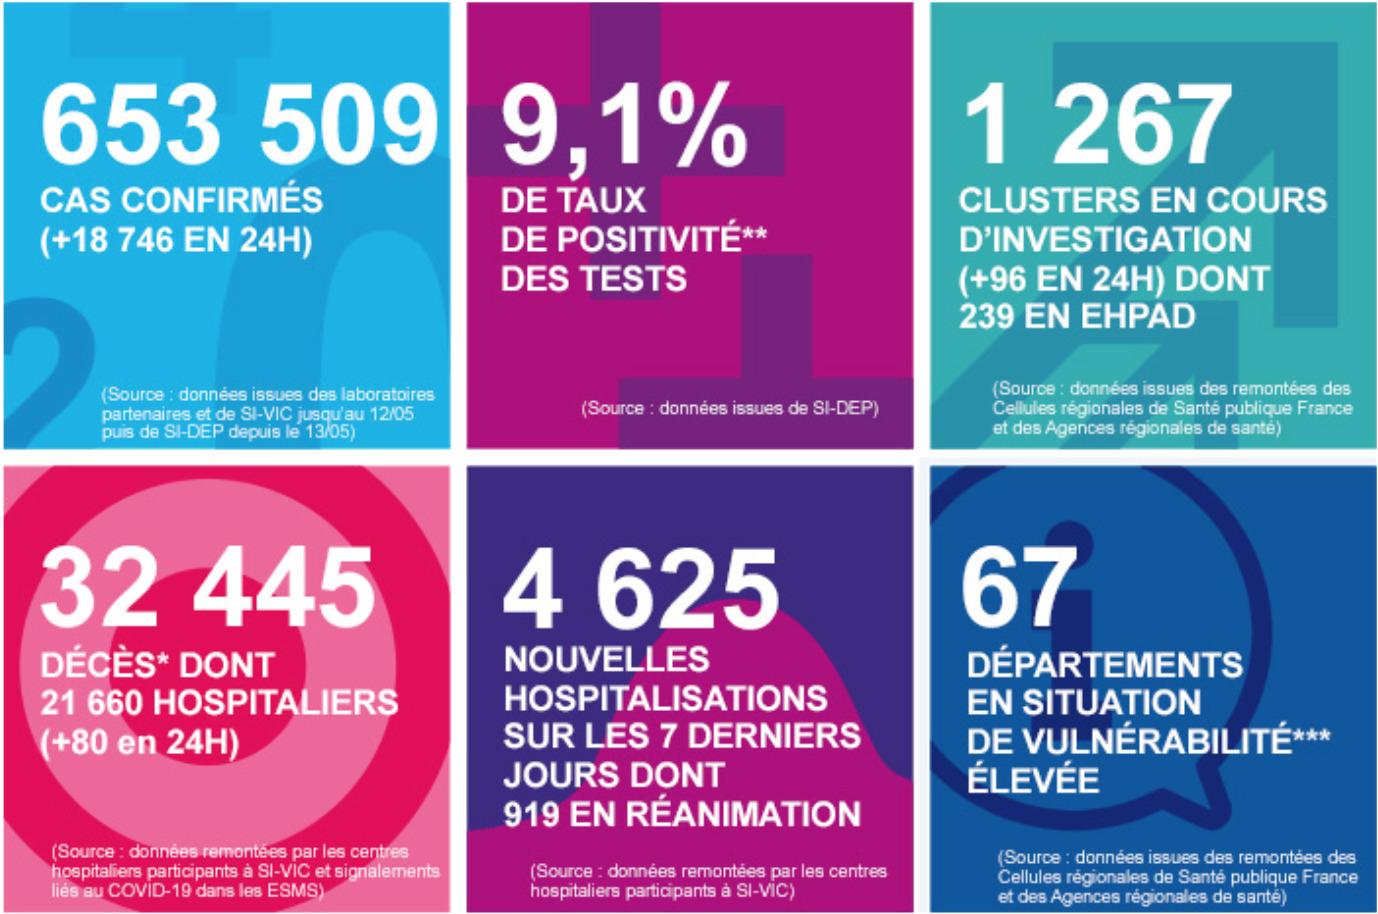 Статистика министерства здарвохранения Франции, 7 октября 2020.